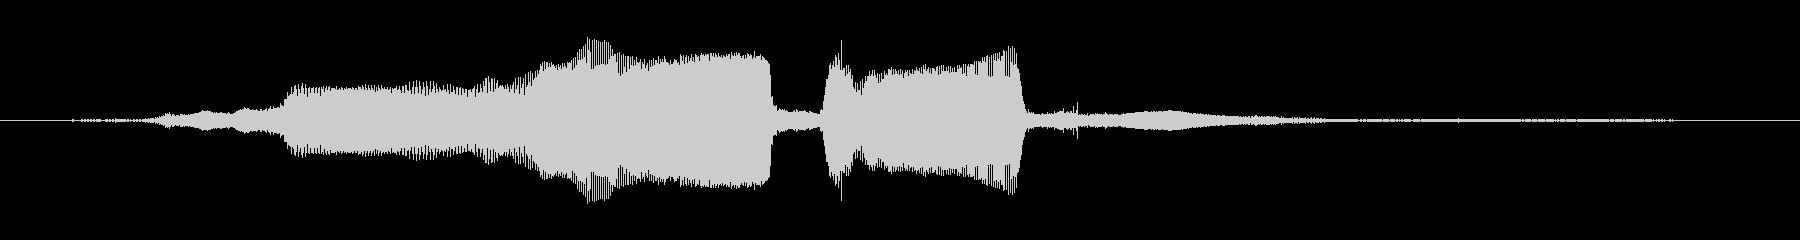 アコードオンボード-エンジン、単一...の未再生の波形